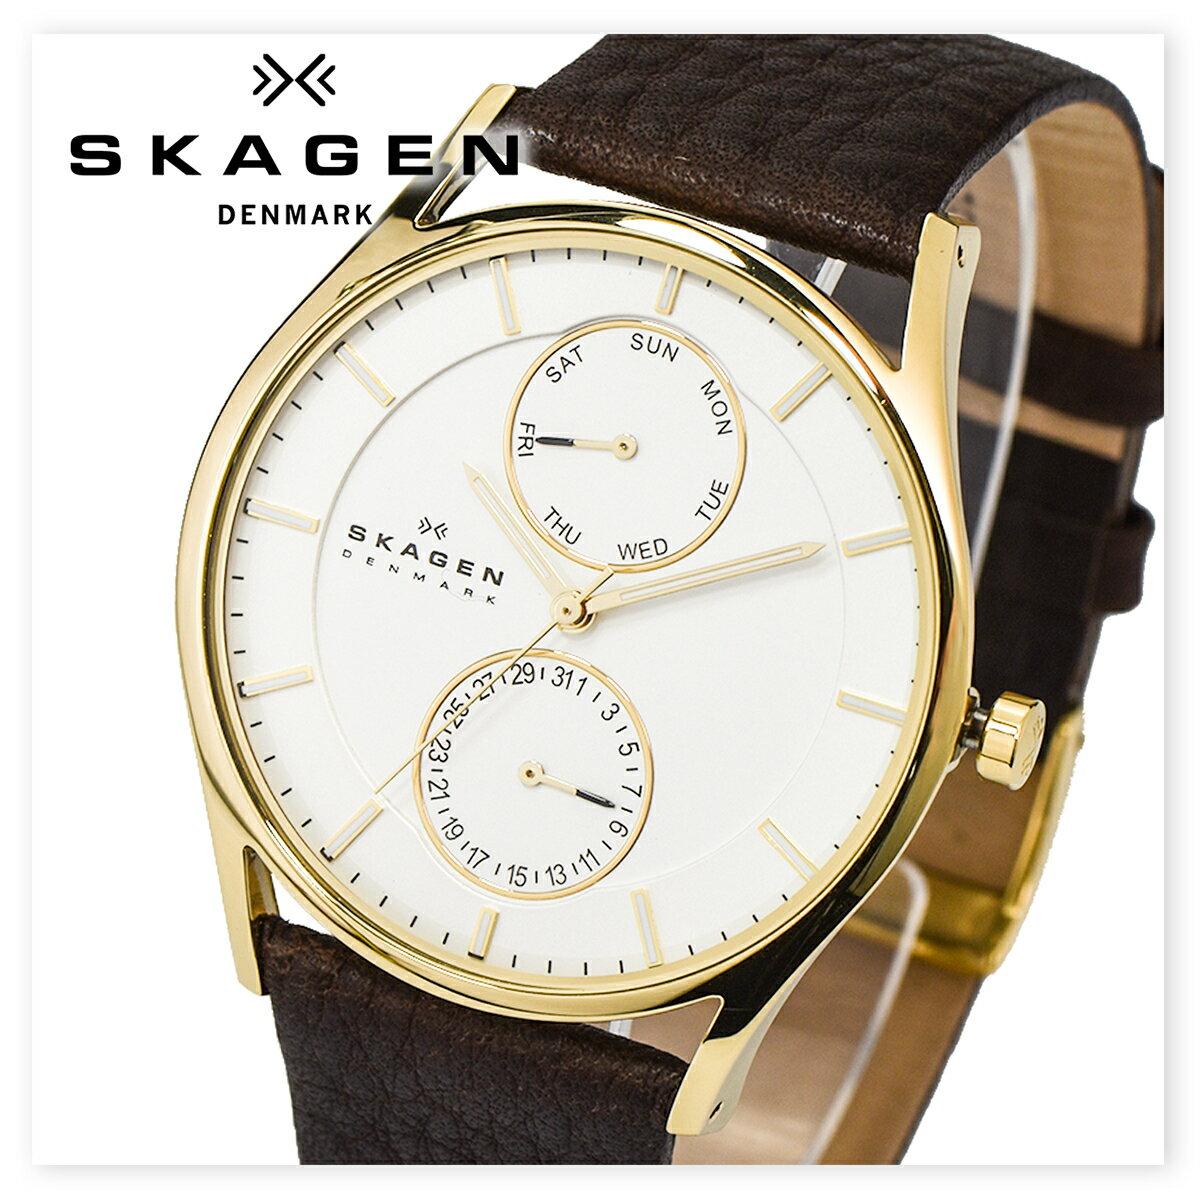 SKAGEN スカーゲン SKW6066 時計 腕時計 メンズ レディース ユニセックス 北欧 スリム プレゼント ギフト [海外正規商品][送料無料][あす楽]